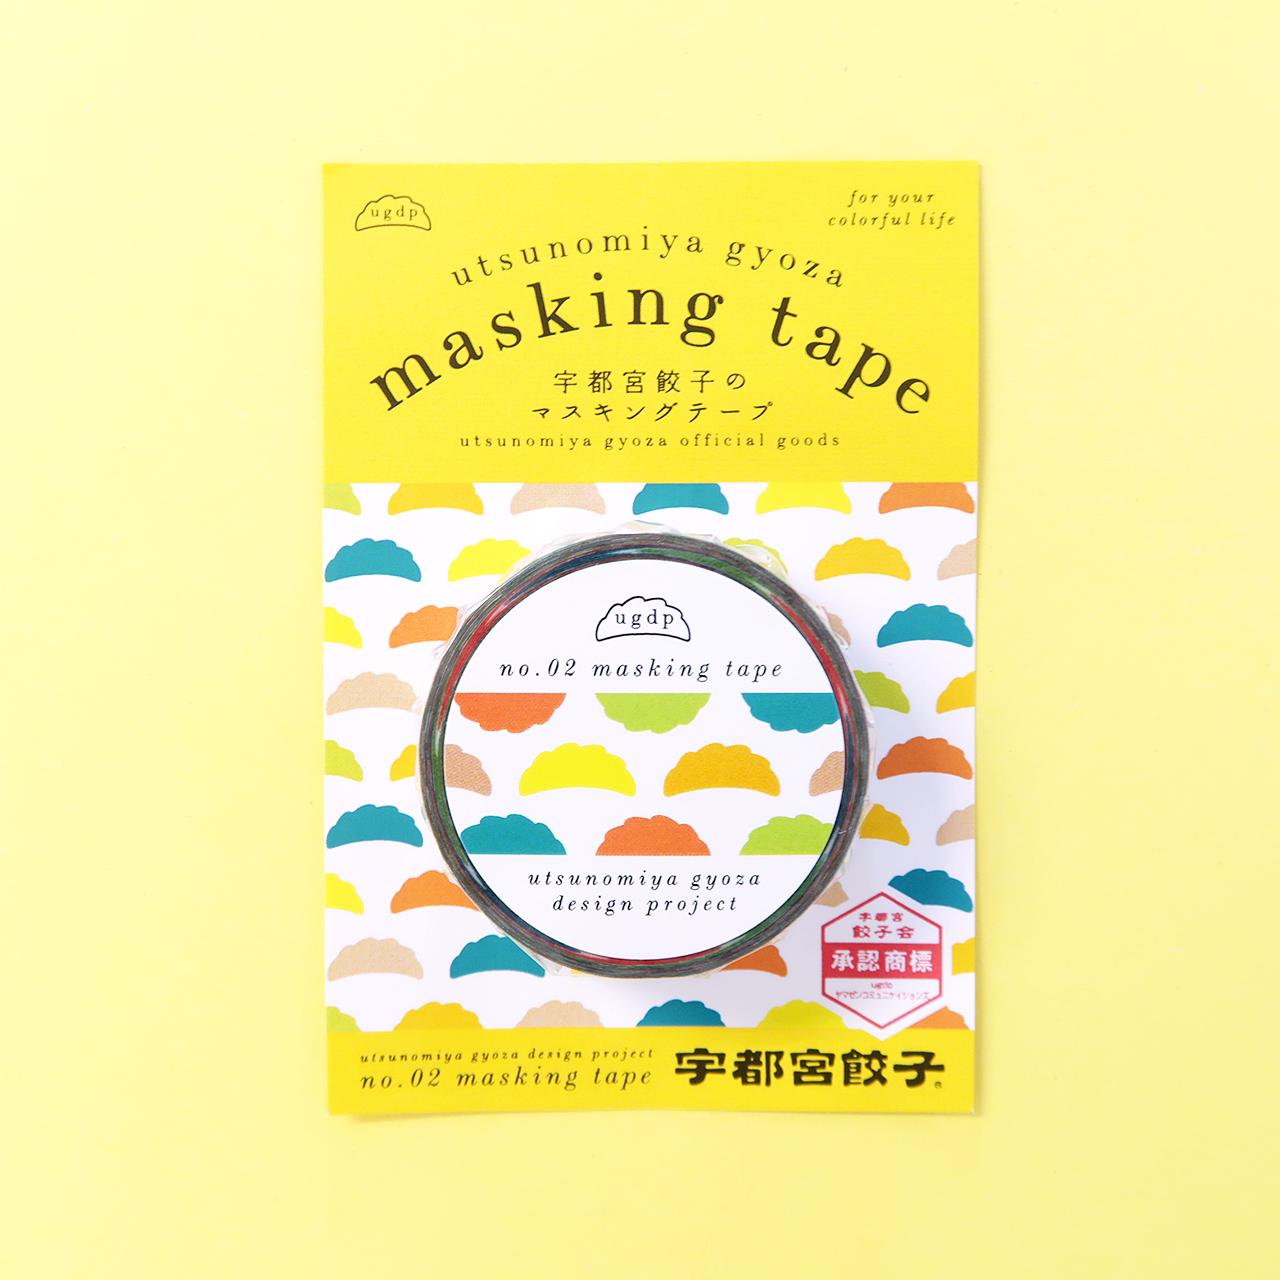 宇都宮餃子のマスキングテープ【常温品】